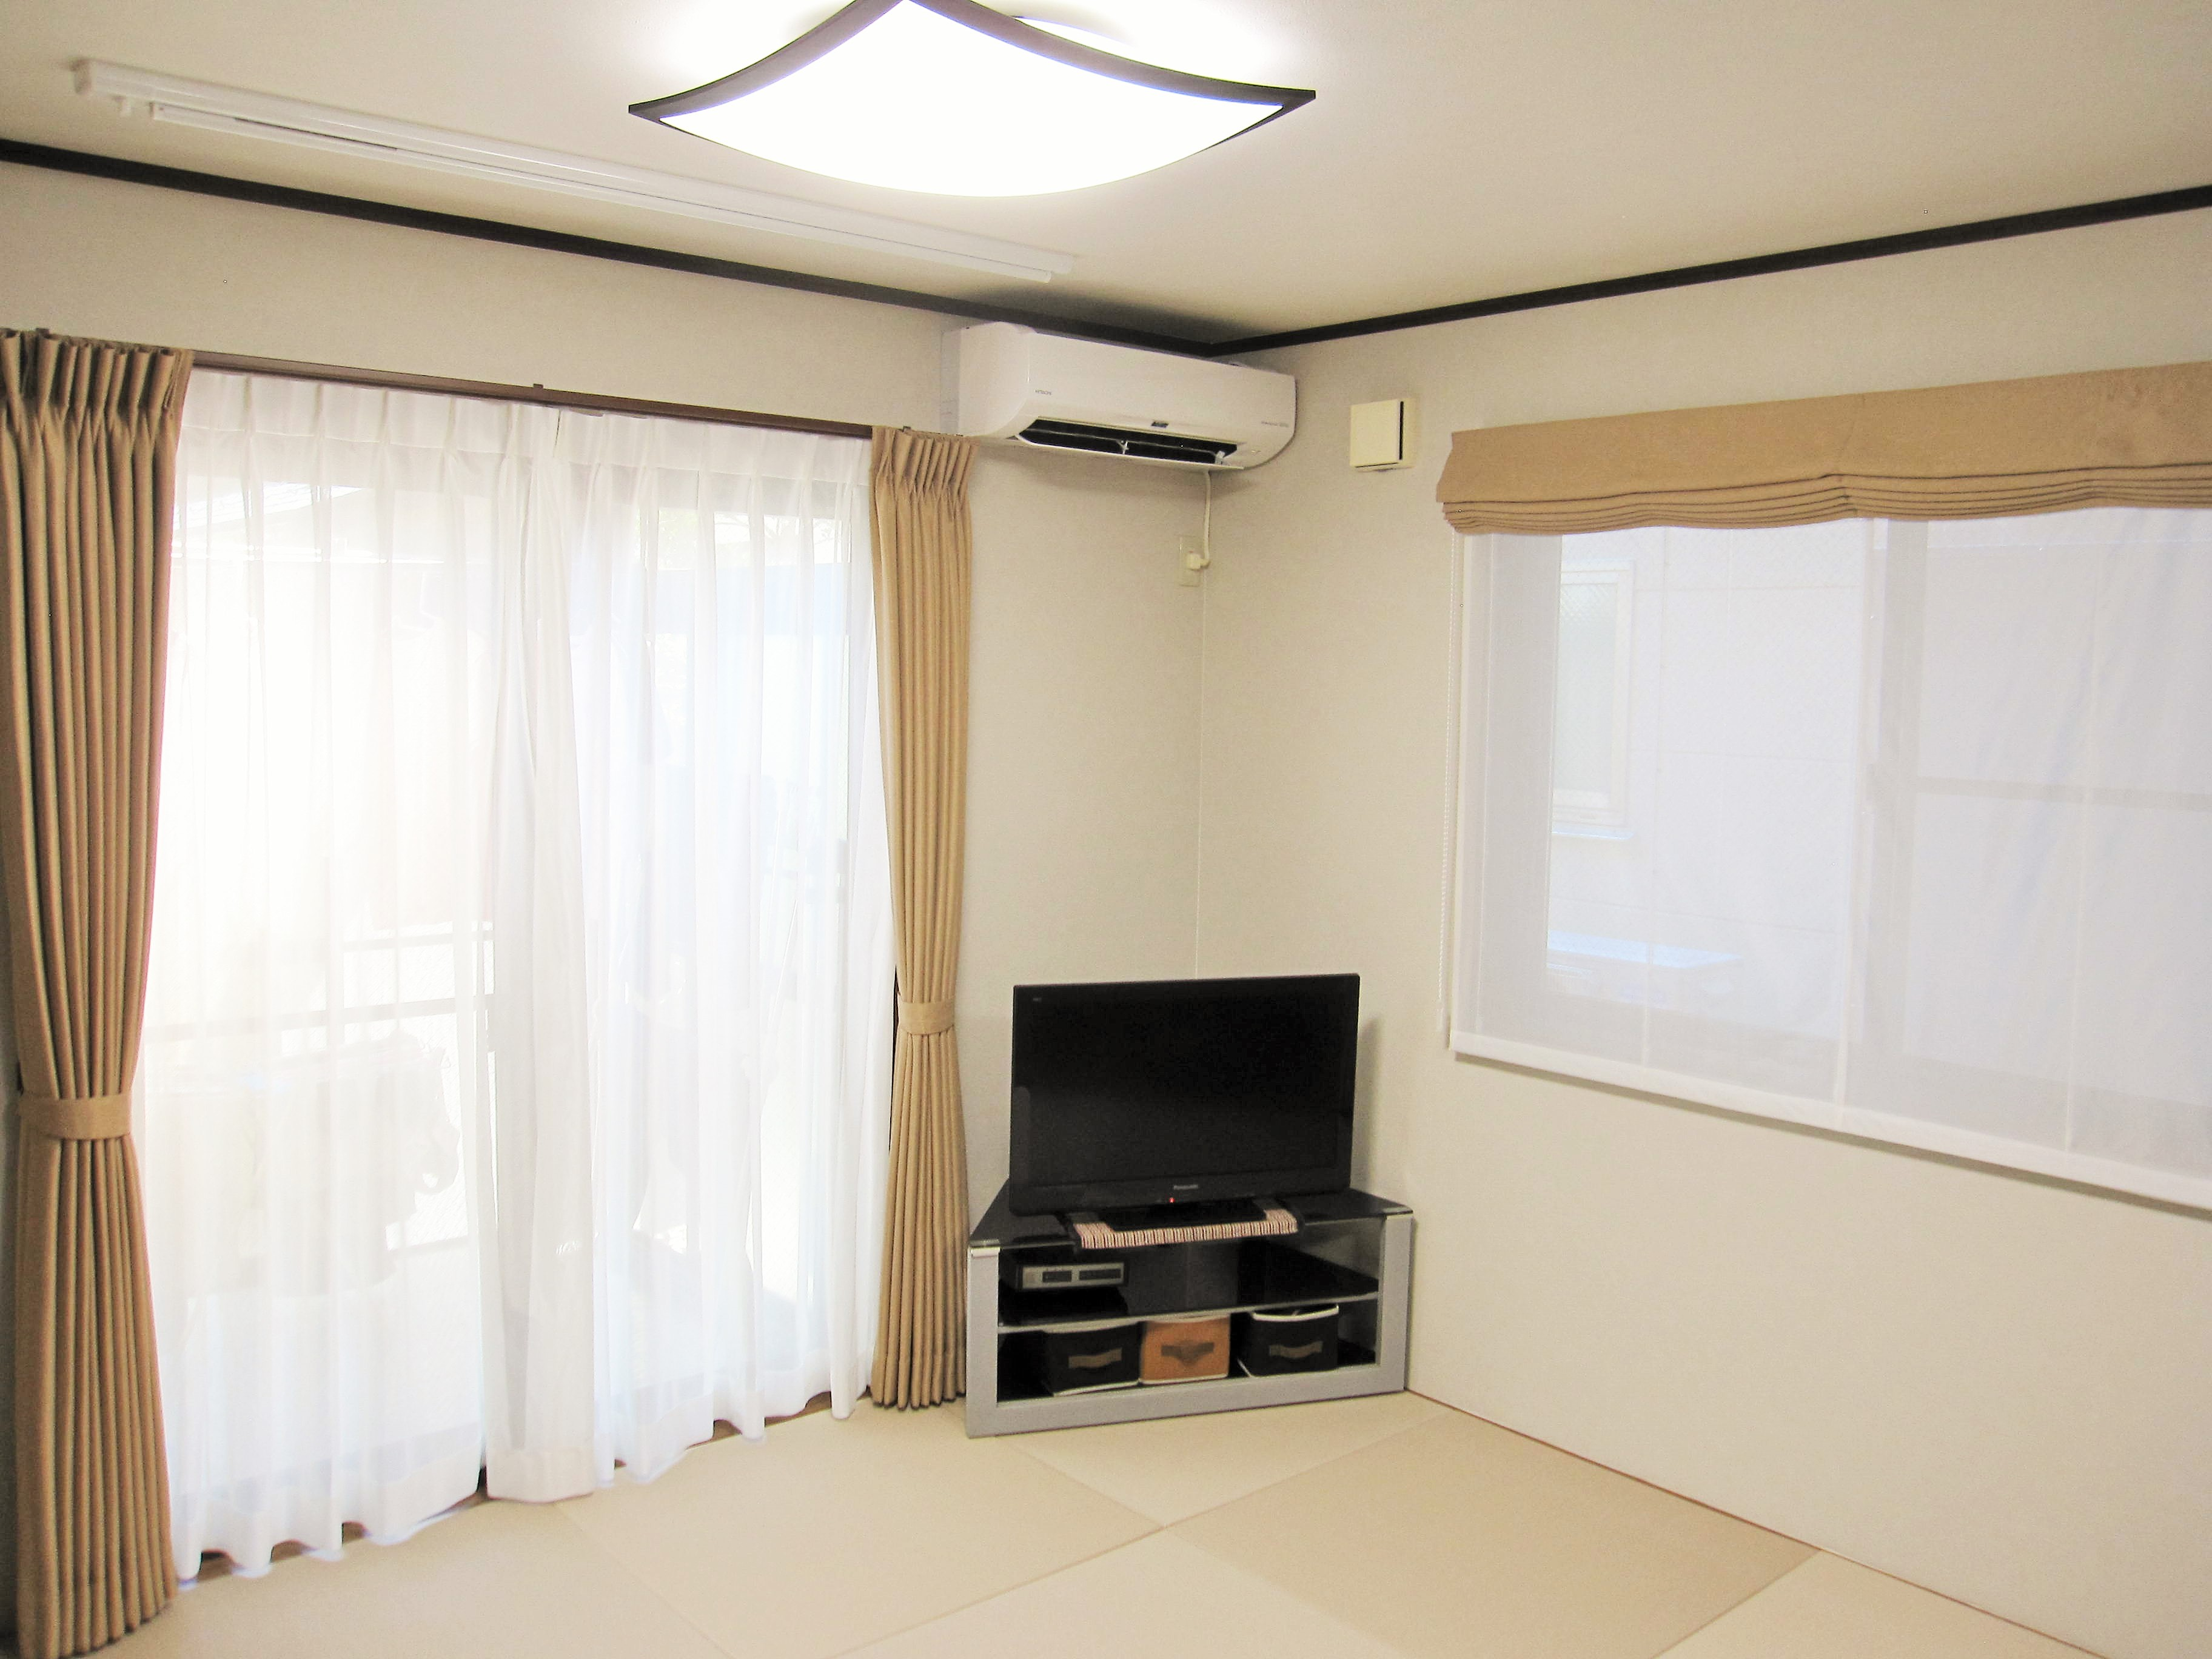 新しいクロスとカーテンで部屋が明るくなりました。